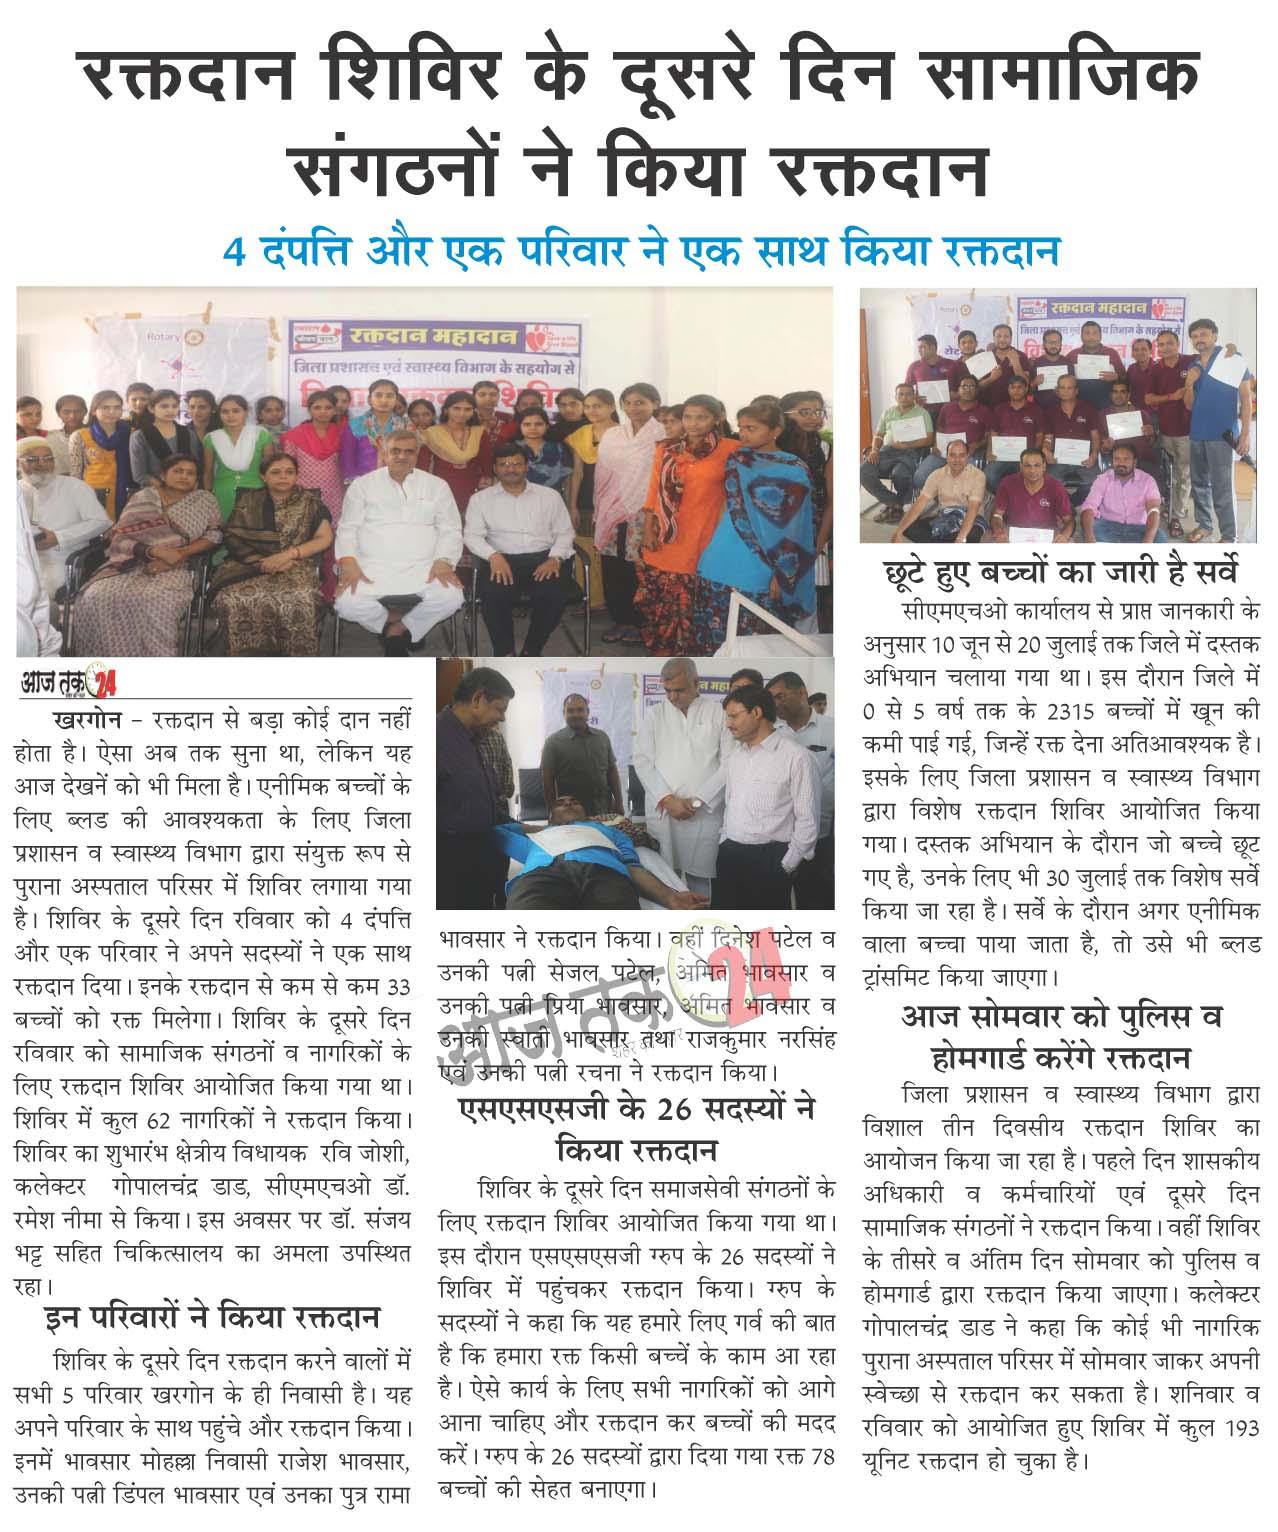 रक्तदान शिविर के दूसरे दिन सामाजिक संगठनों ने किया रक्तदान | raktdan shivir ke dusre din samajik sangathno ne kiya  raktdan